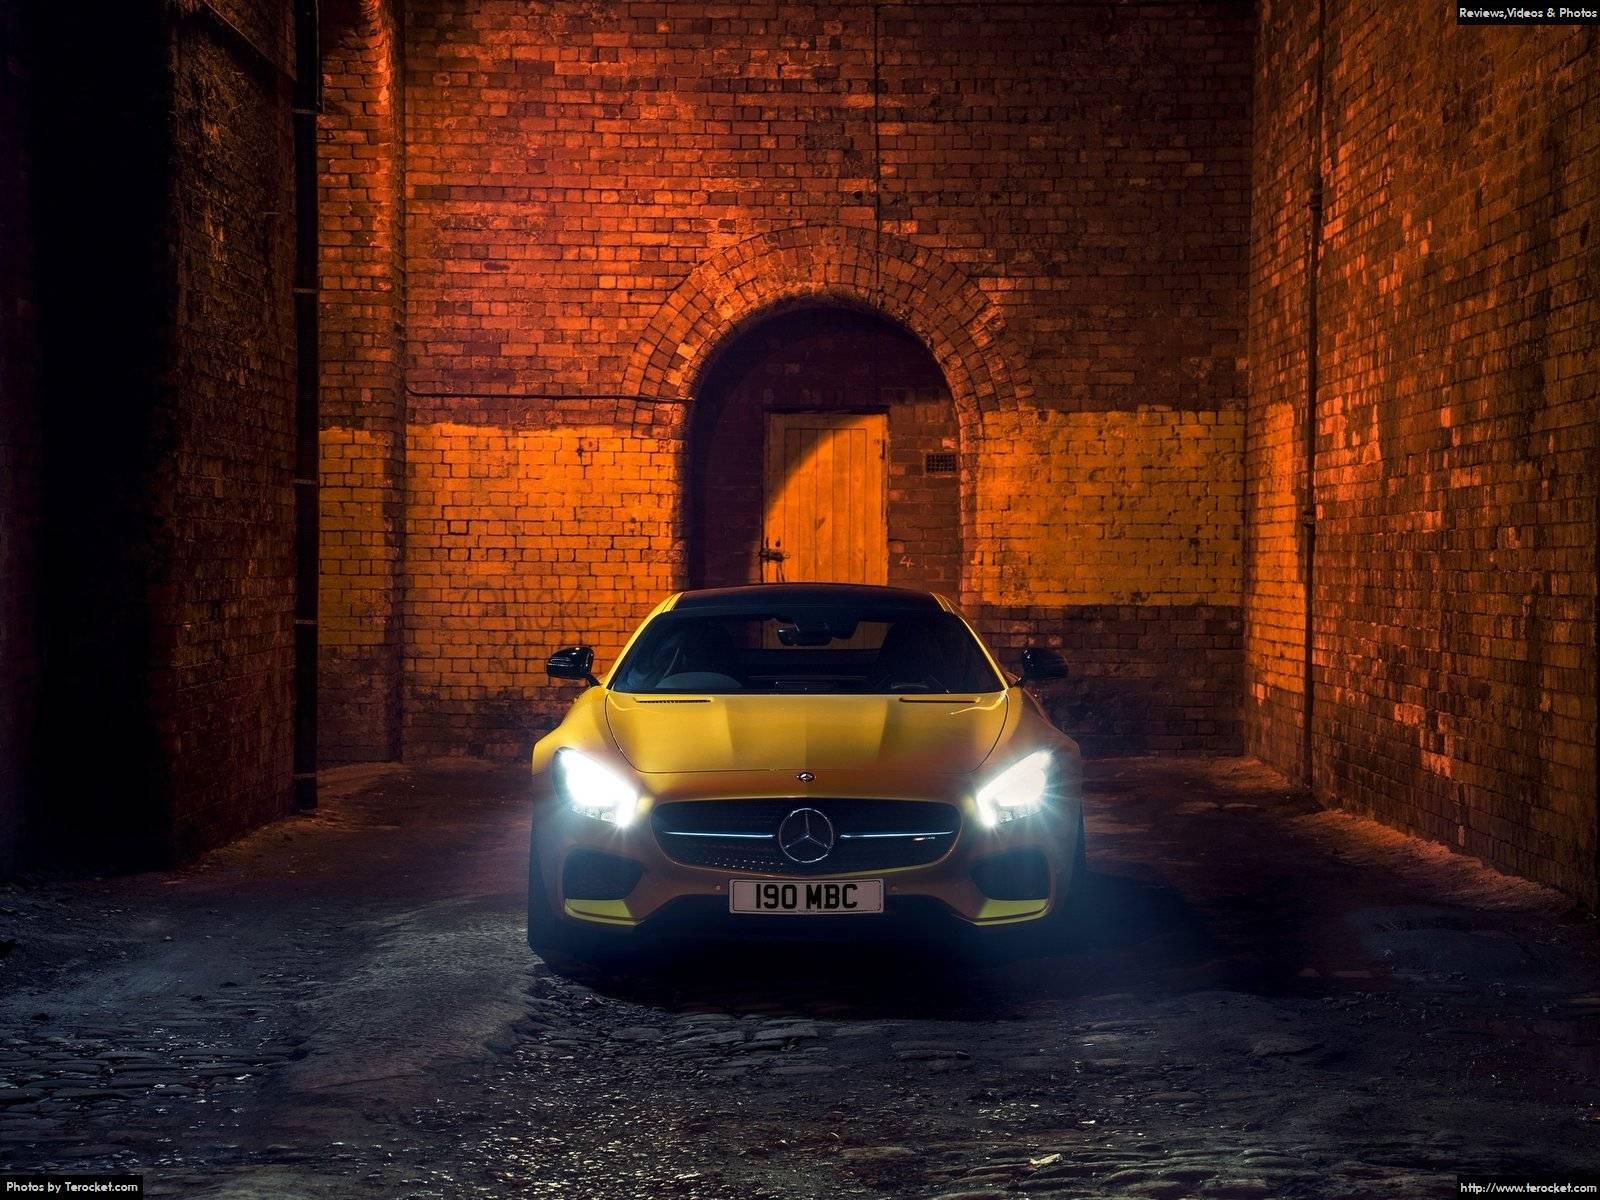 Hình ảnh xe ô tô Mercedes-Benz AMG GT S UK-Version 2016 & nội ngoại thất